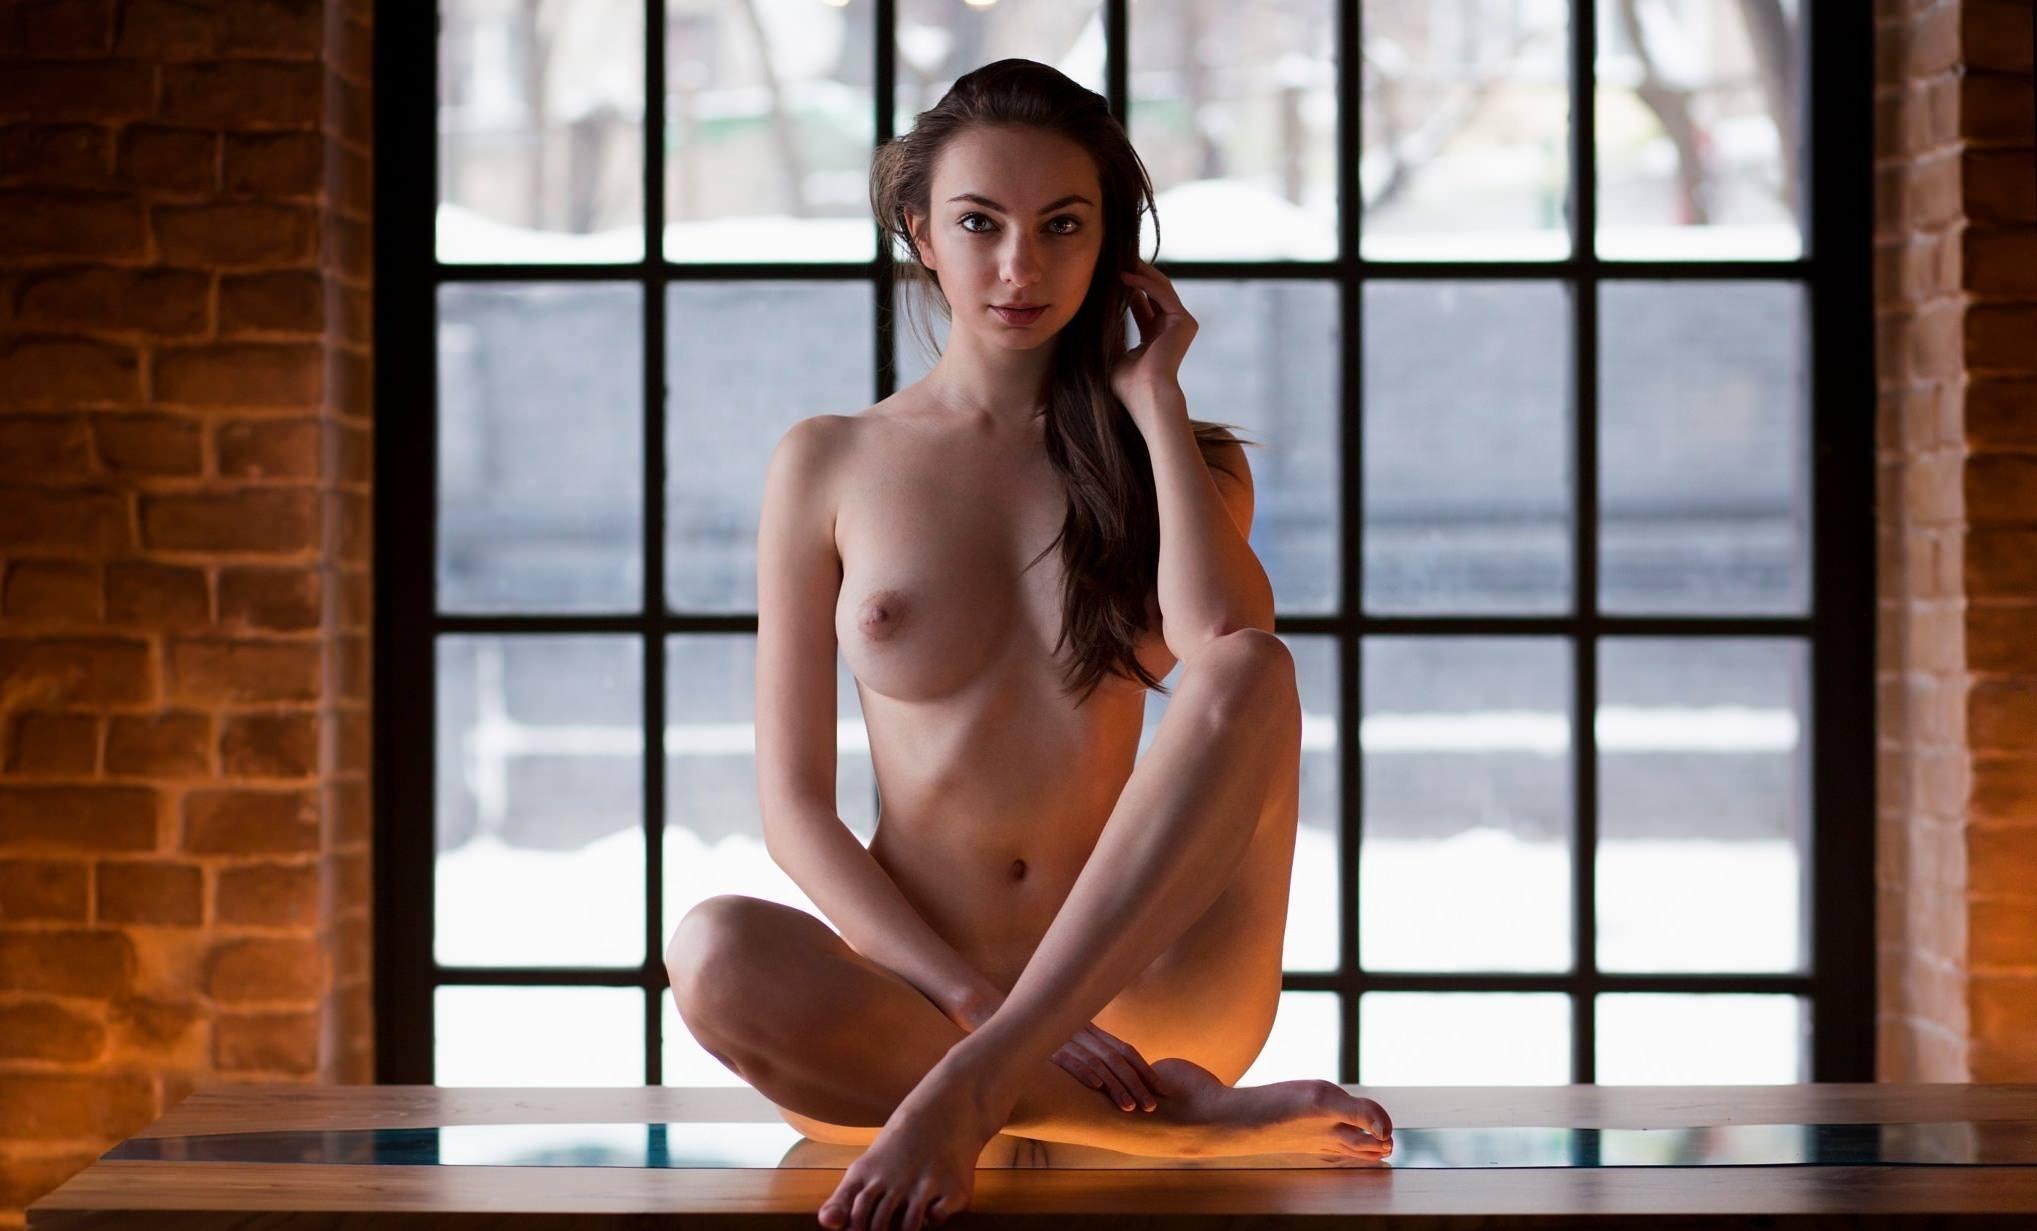 Фото Голая девчонка в позе лотоса на зеркальном столе, отражение пизды снизу, скачать картинку бесплатно